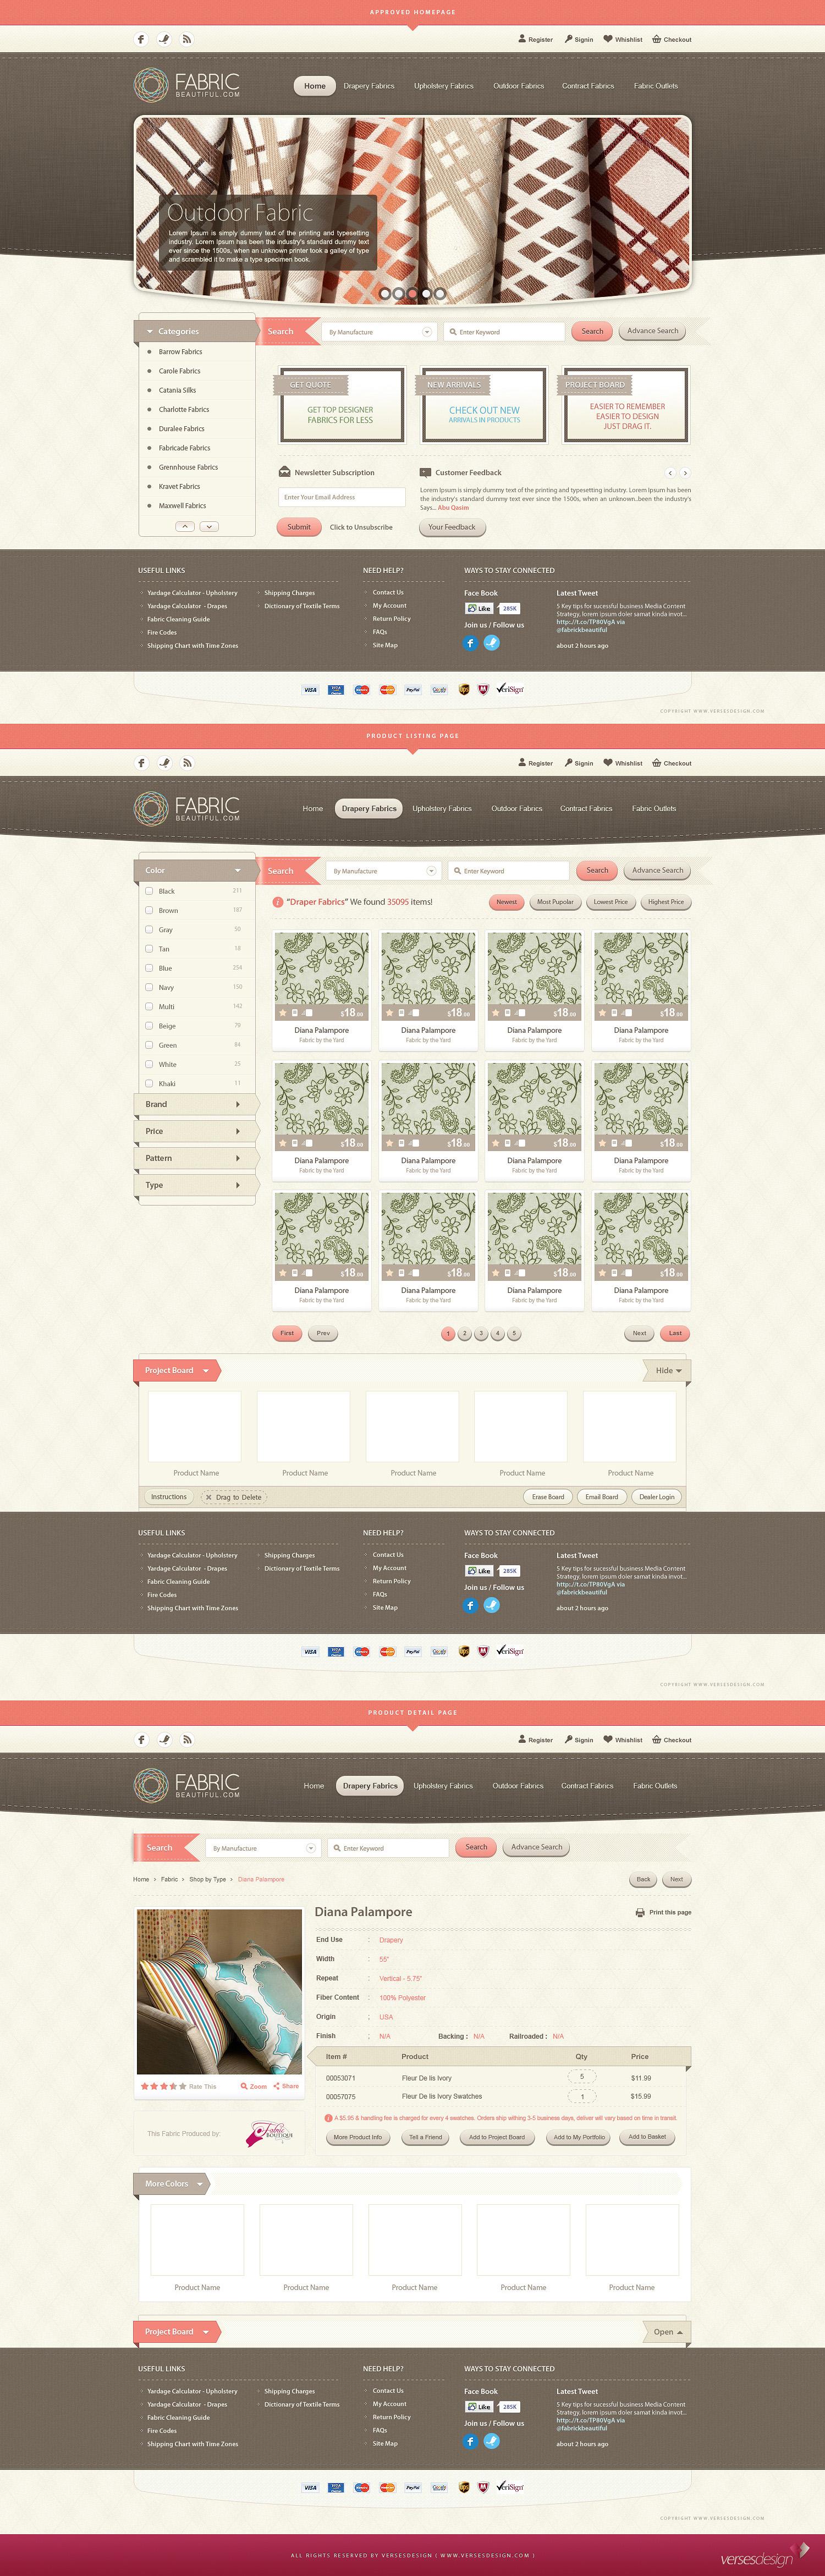 Fabric Beautiful Full Website